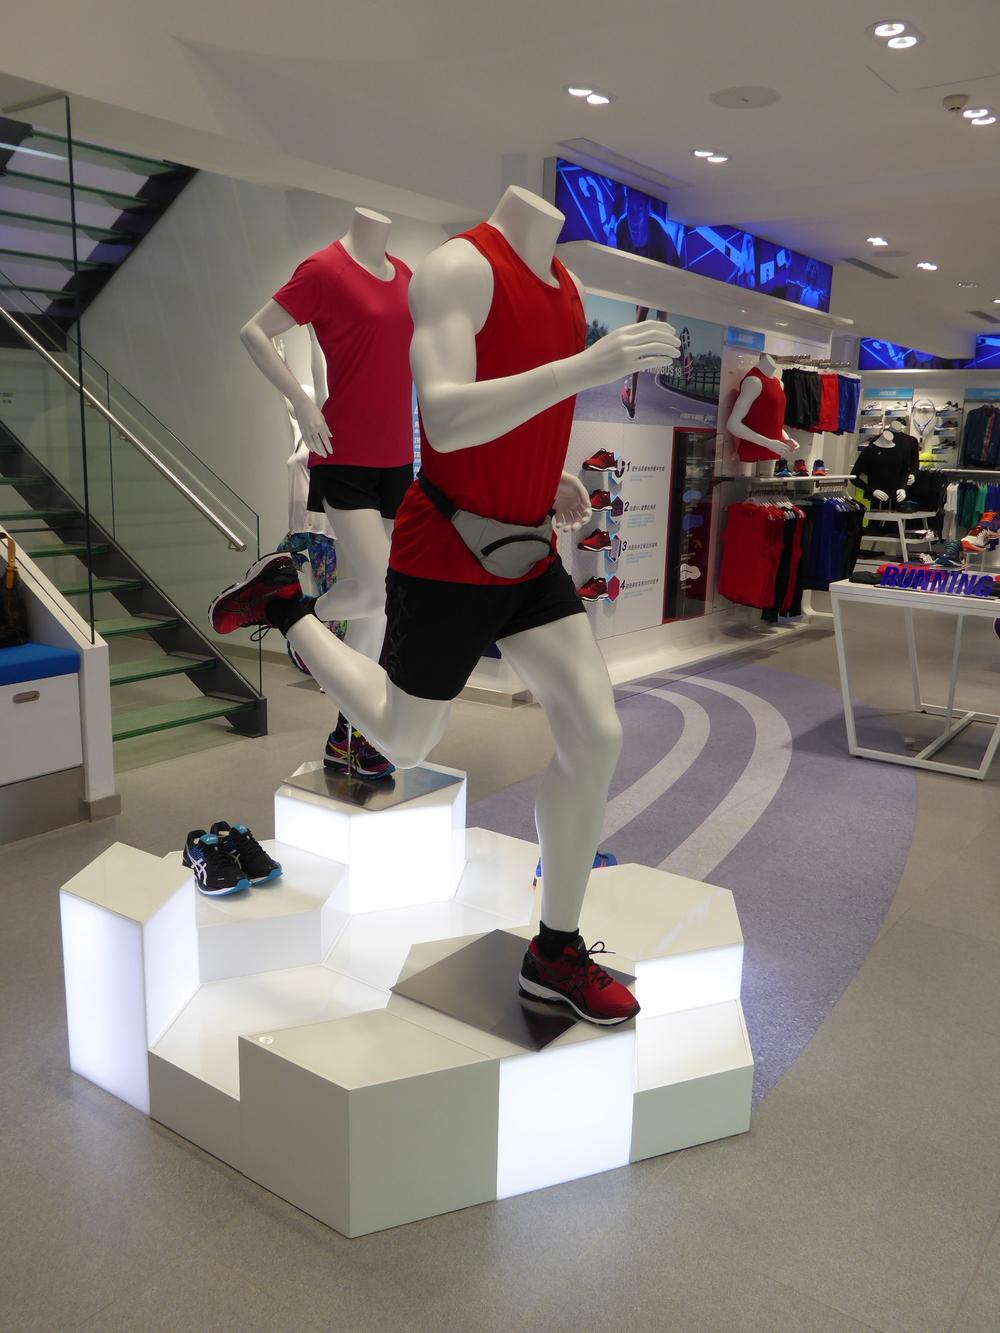 ASICS retail fixtures